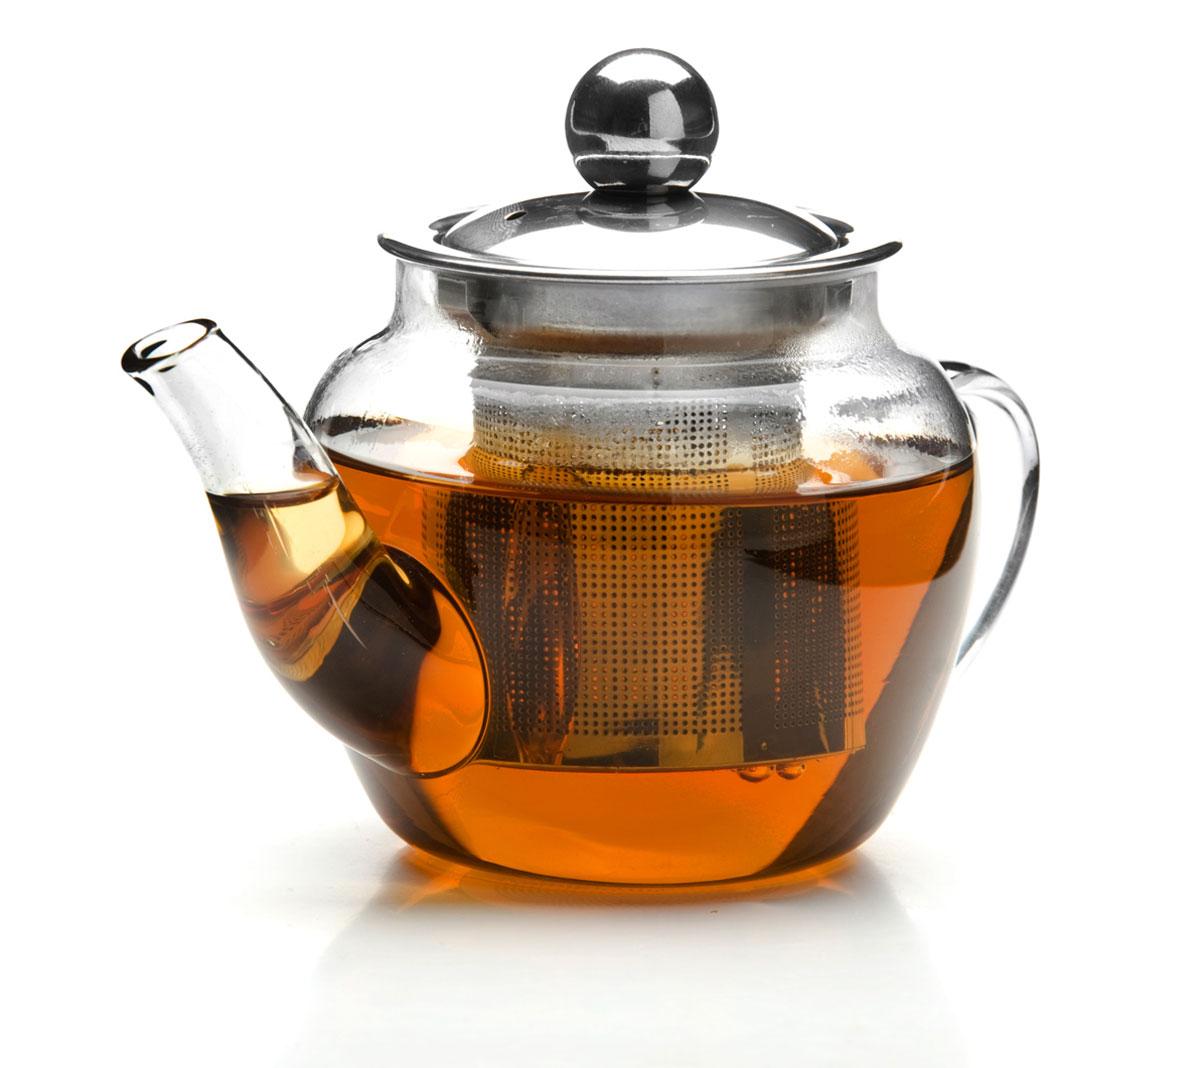 Чайник заварочный Mayer & Boch, с ситом, 200 мл. 2619826198Заварочный чайник Mayer & Boch изготовлен из термостойкого боросиликатного стекла, крышка и фильтр выполнены из нержавеющей стали. Изделия из стекла не впитывают запахи, благодаря чему вы всегда получите натуральный, насыщенный вкус и аромат напитков.Заварочный чайник из стекла удобно использовать для повседневного заваривания чая практически любого сорта. Но цветочные, фруктовые, красные и желтые сорта чая лучше других раскрывают свой вкус и аромат при заваривании именно в стеклянных чайниках, а также сохраняют все полезные ферменты и витамины, содержащиеся в чайных листах.Стальной фильтр гарантирует прозрачность и чистоту напитка от чайных листьев, при этом сохранив букет и насыщенность чая. Прозрачные стенки чайника дают возможность насладиться насыщенным цветом заваренного чая.Изящный заварочный чайник Mayer & Boch будет прекрасно смотреться в любом интерьере. Подходит для мытья в посудомоечной машине.